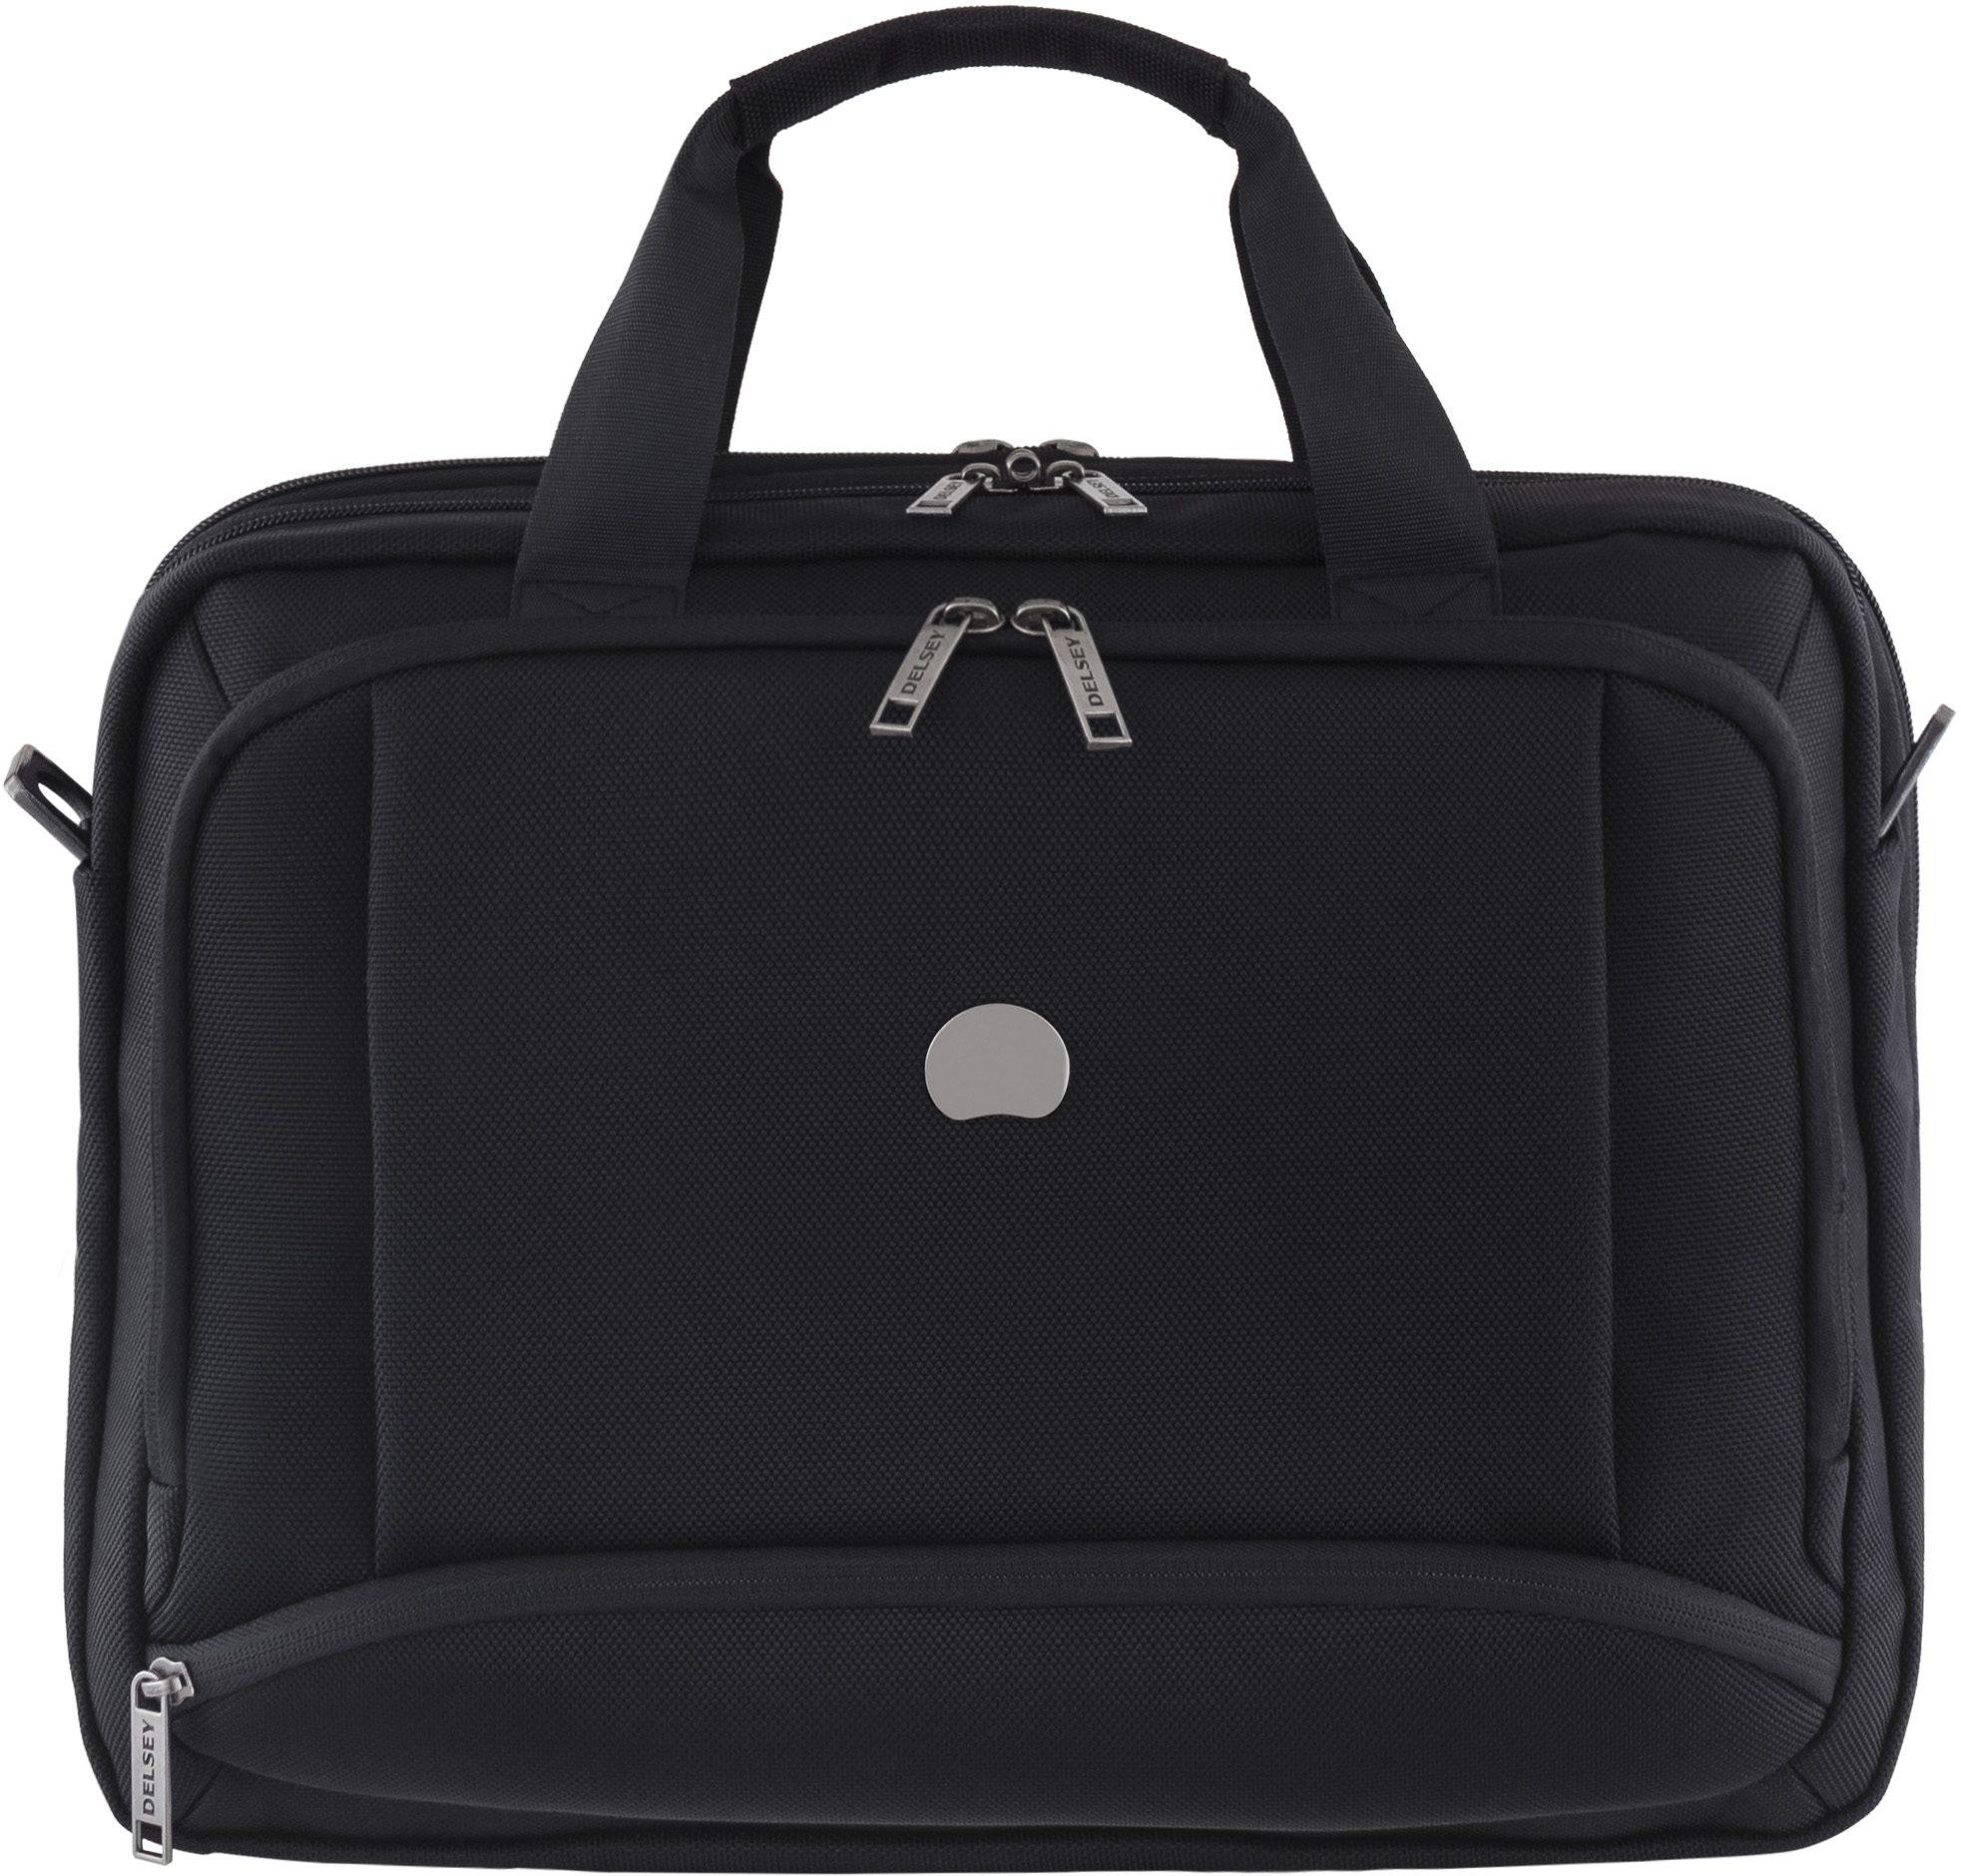 DELSEY Businesstasche mit Laptopfach und Volumenerweiterung, »Montmartre Pro«